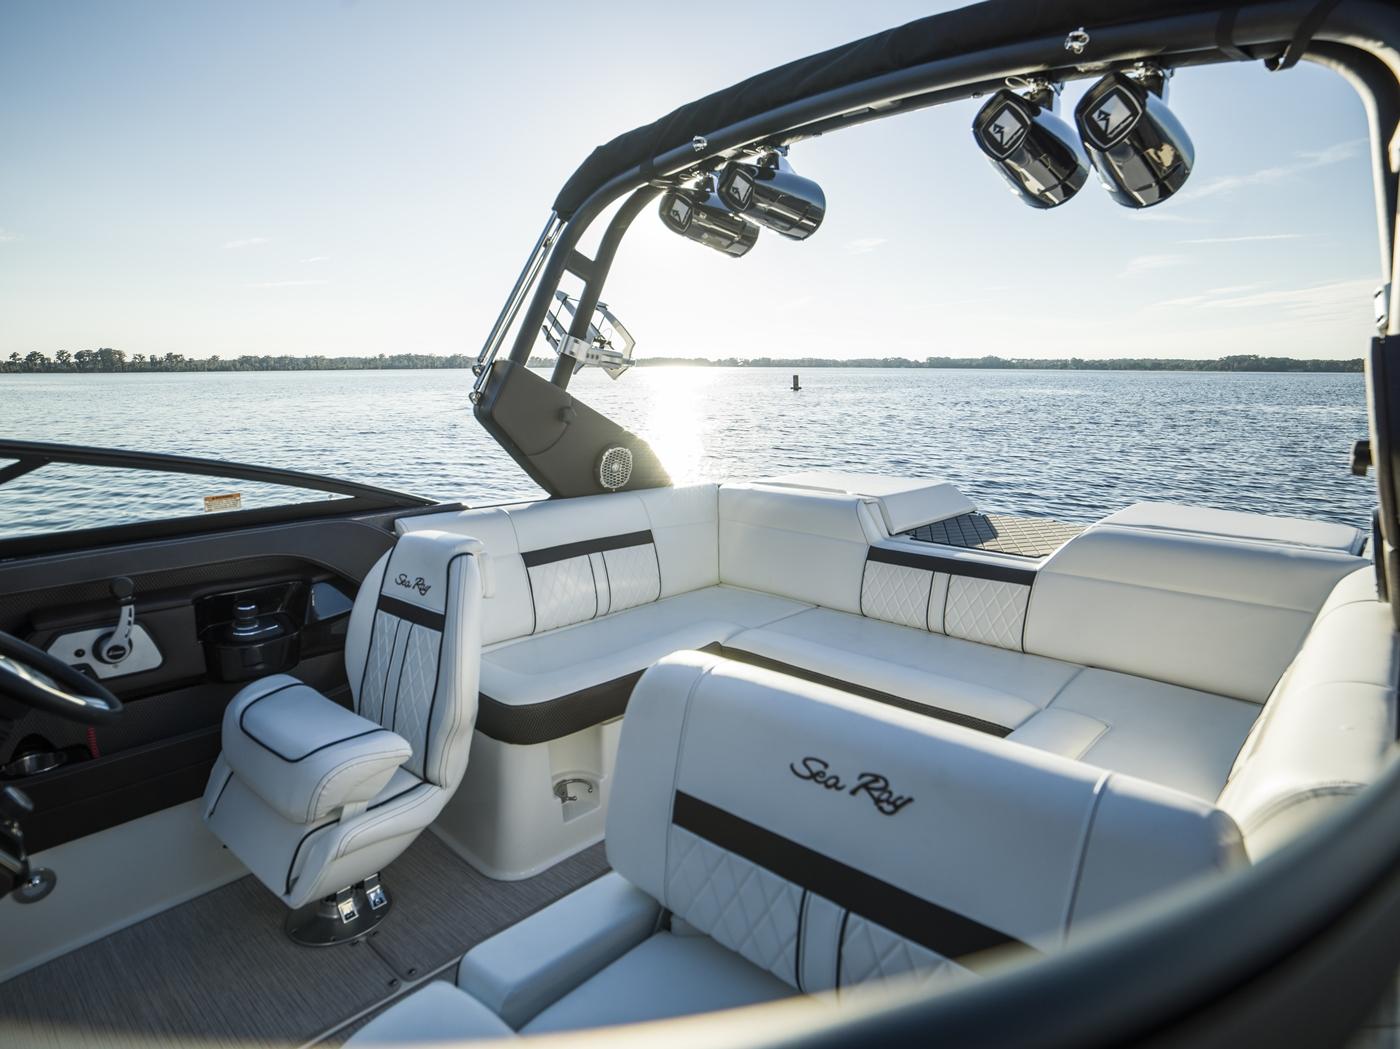 Sea Ray SLX 230 Bowrider: 23' & 13-person capacity